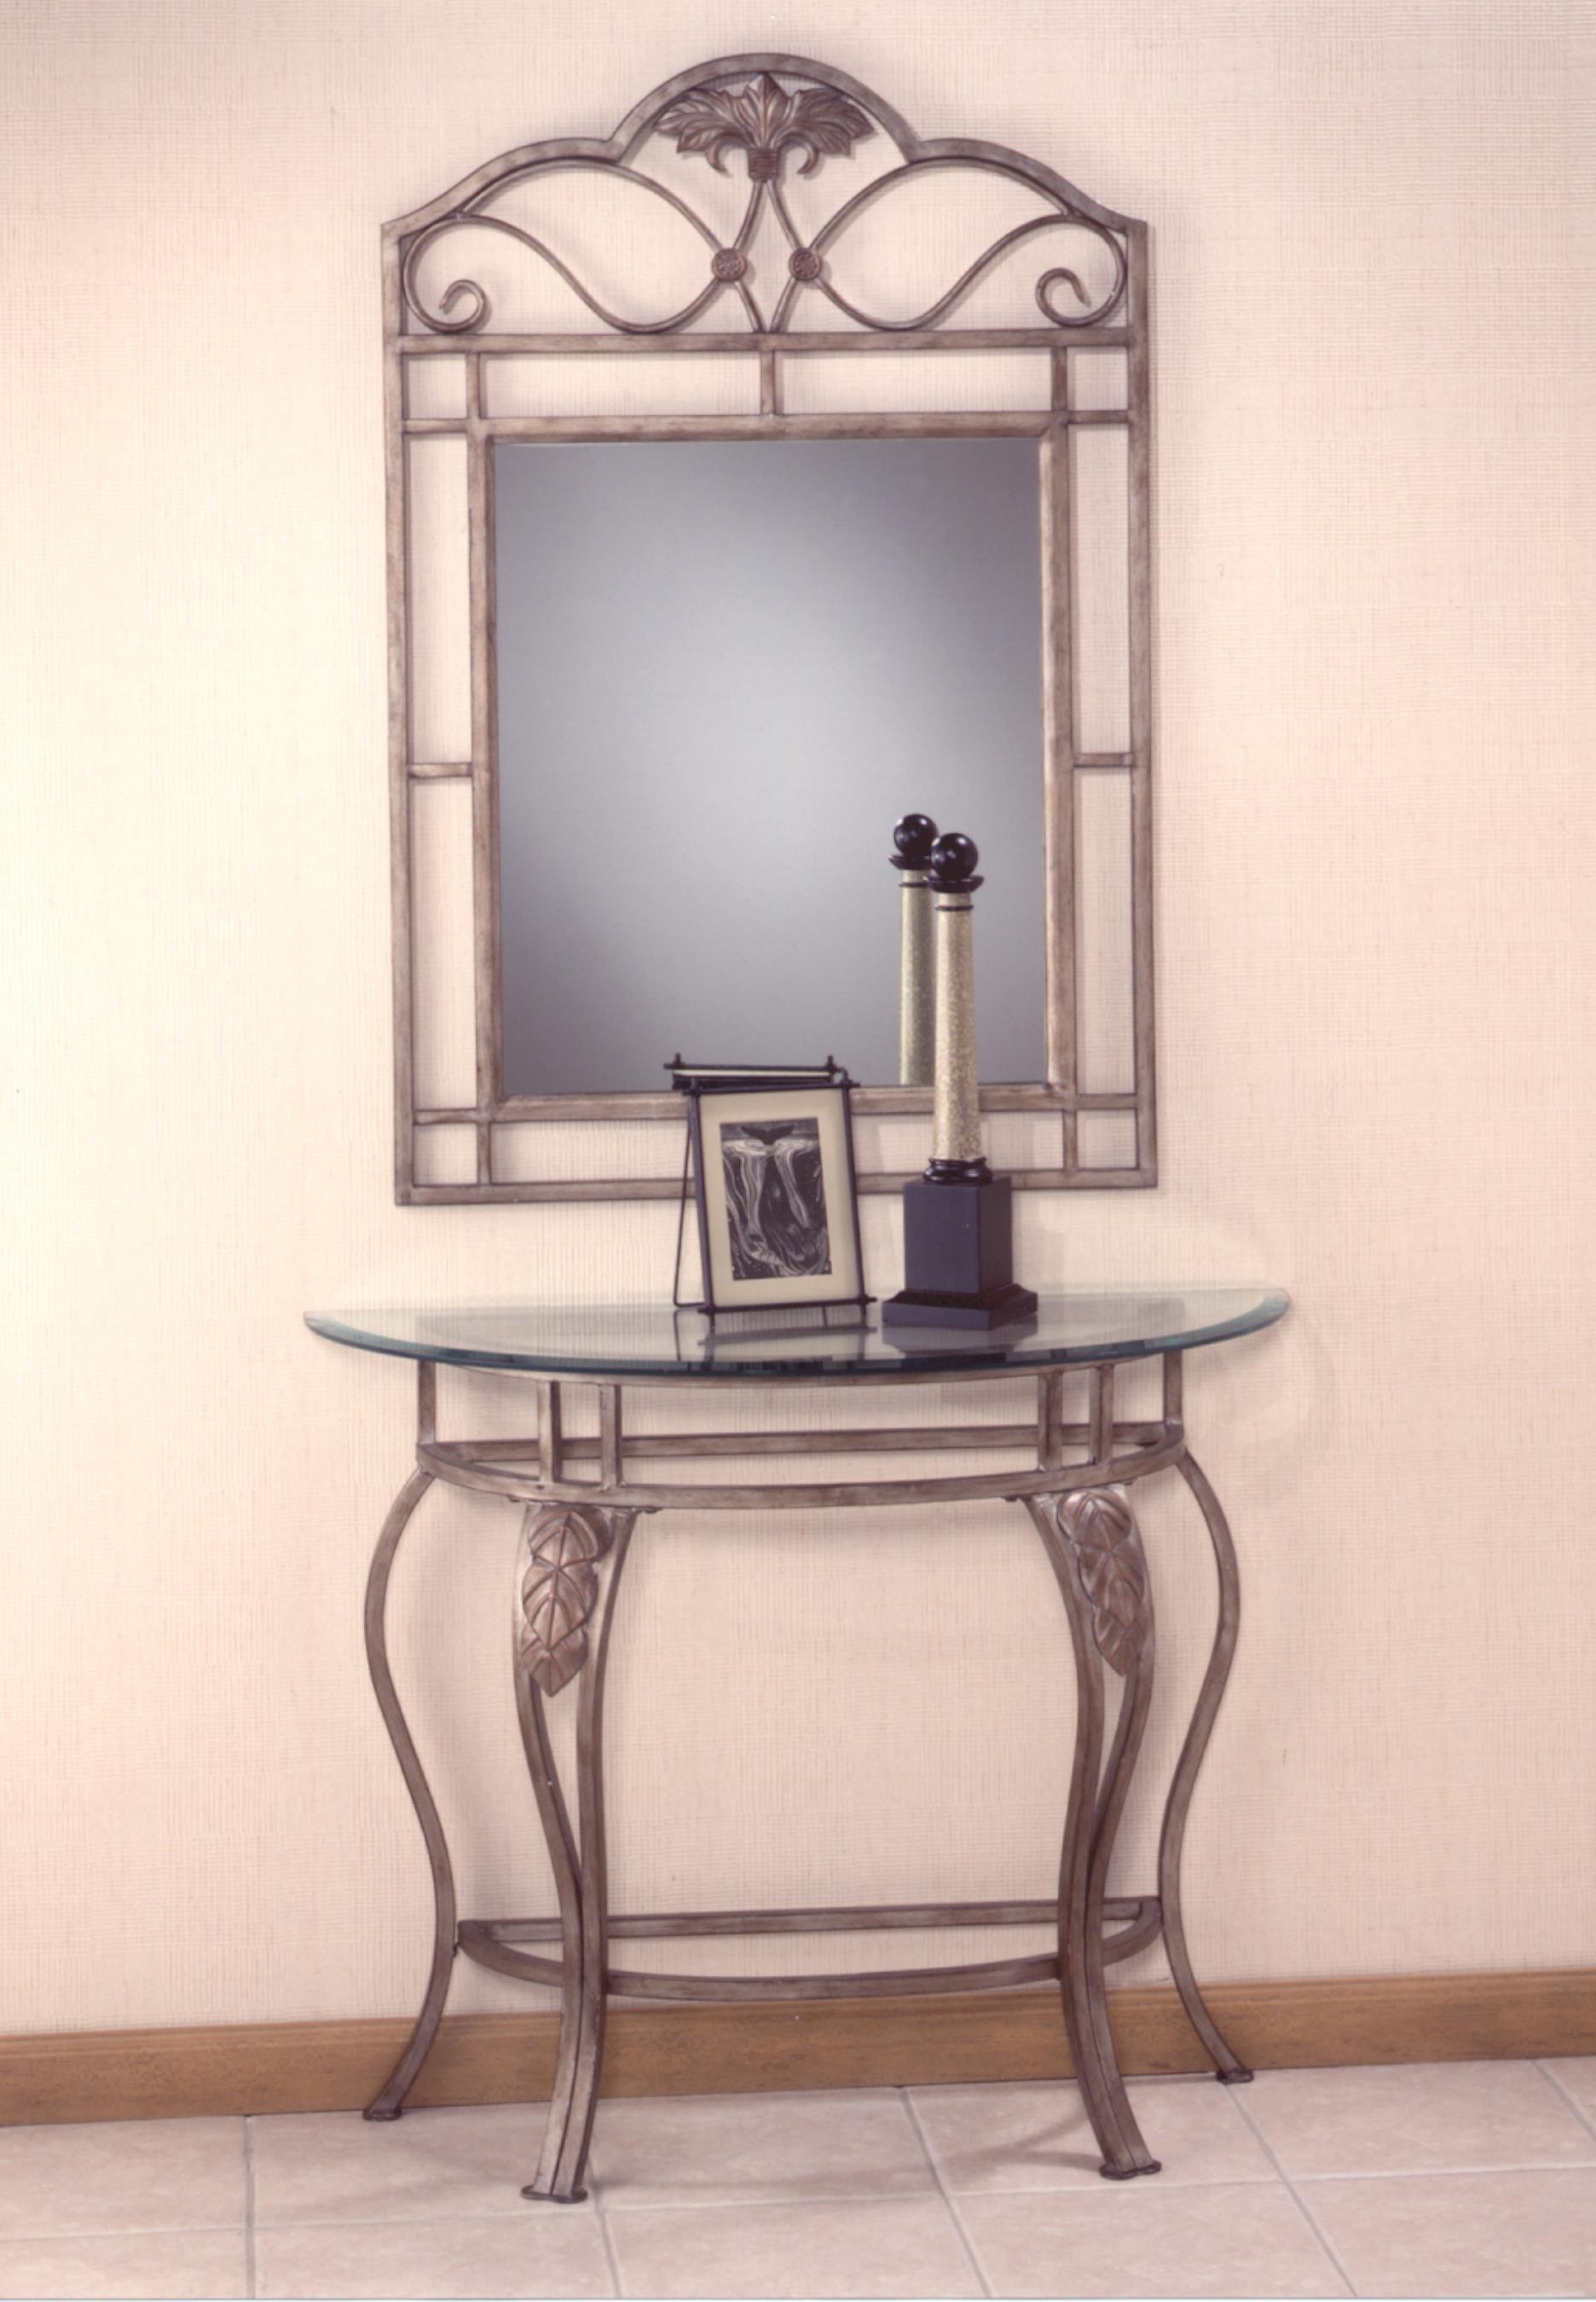 Hillsdale Bordeaux Console Mirror - Item Number: 40543